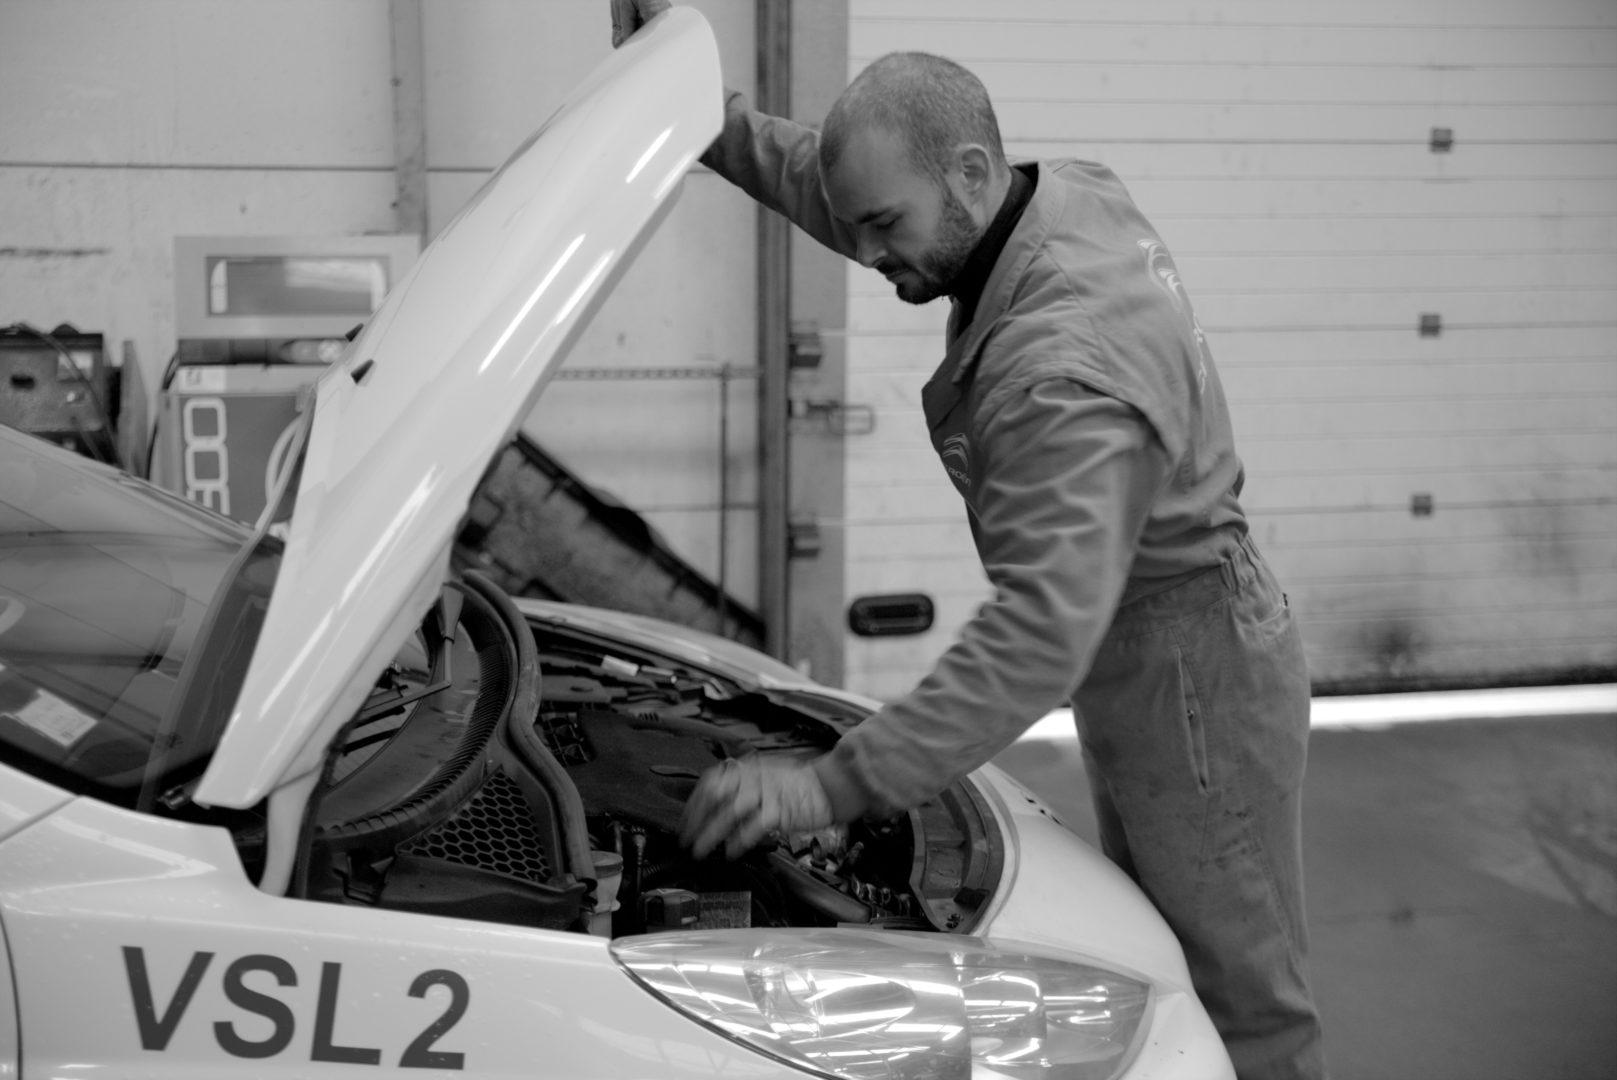 Entretien Réparation Garage Citroën Quimper nb - Accueil